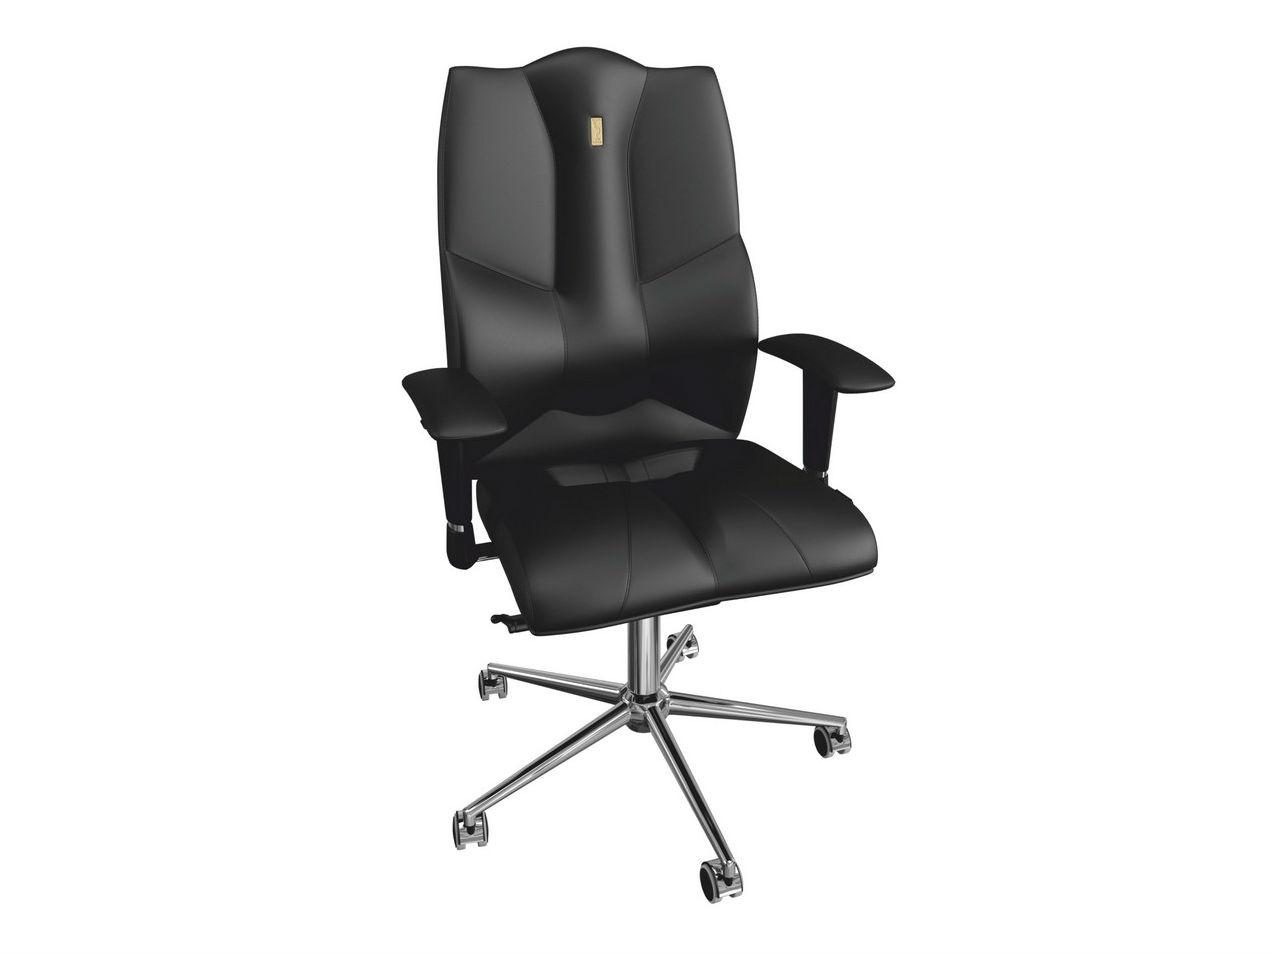 Кресло BUSINESSРабочие кресла<br>&amp;lt;div&amp;gt;Совершенное сочетание элегантного дизайна и превосходного удобства. Благодаря особой спинке, которая поддерживает вас, и мягким регулируемым подлокотникам, это кресло способно создавать особую атмосферу комфорта на рабочем месте.&amp;amp;nbsp;&amp;lt;/div&amp;gt;&amp;lt;div&amp;gt;&amp;lt;br&amp;gt;&amp;lt;/div&amp;gt;&amp;lt;div&amp;gt;Дополнительная комплектация:&amp;amp;nbsp;&amp;lt;/div&amp;gt;&amp;lt;div&amp;gt;Эргономичный подголовник, регулируемый по высоте и углу наклона. Дизайнерский шов, перфорация на коже, заказ в другом материале (натуральная кожа, экокожа, азур, антара) и цвете из палитры образцов, комбинация DUO COLOR.&amp;amp;nbsp;&amp;lt;/div&amp;gt;&amp;lt;div&amp;gt;Информацию по стоимости уточняйте у менеджера.&amp;lt;/div&amp;gt;<br>&amp;lt;br&amp;gt;<br>&amp;lt;iframe width=&amp;quot;500&amp;quot; height=&amp;quot;320&amp;quot; src=&amp;quot;https://www.youtube.com/embed/6koG4IB7DW4&amp;quot; frameborder=&amp;quot;0&amp;quot; allowfullscreen=&amp;quot;&amp;quot;&amp;gt;&amp;lt;/iframe&amp;gt;<br>&amp;lt;br&amp;gt;<br>&amp;lt;iframe width=&amp;quot;500&amp;quot; height=&amp;quot;320&amp;quot; src=&amp;quot;https://www.youtube.com/embed/99WAtfUHlt0&amp;quot; frameborder=&amp;quot;0&amp;quot; allowfullscreen=&amp;quot;&amp;quot;&amp;gt;&amp;lt;/iframe&amp;gt;<br><br>Material: Кожа<br>Ширина см: 72.0<br>Высота см: 149.0<br>Глубина см: 54.0